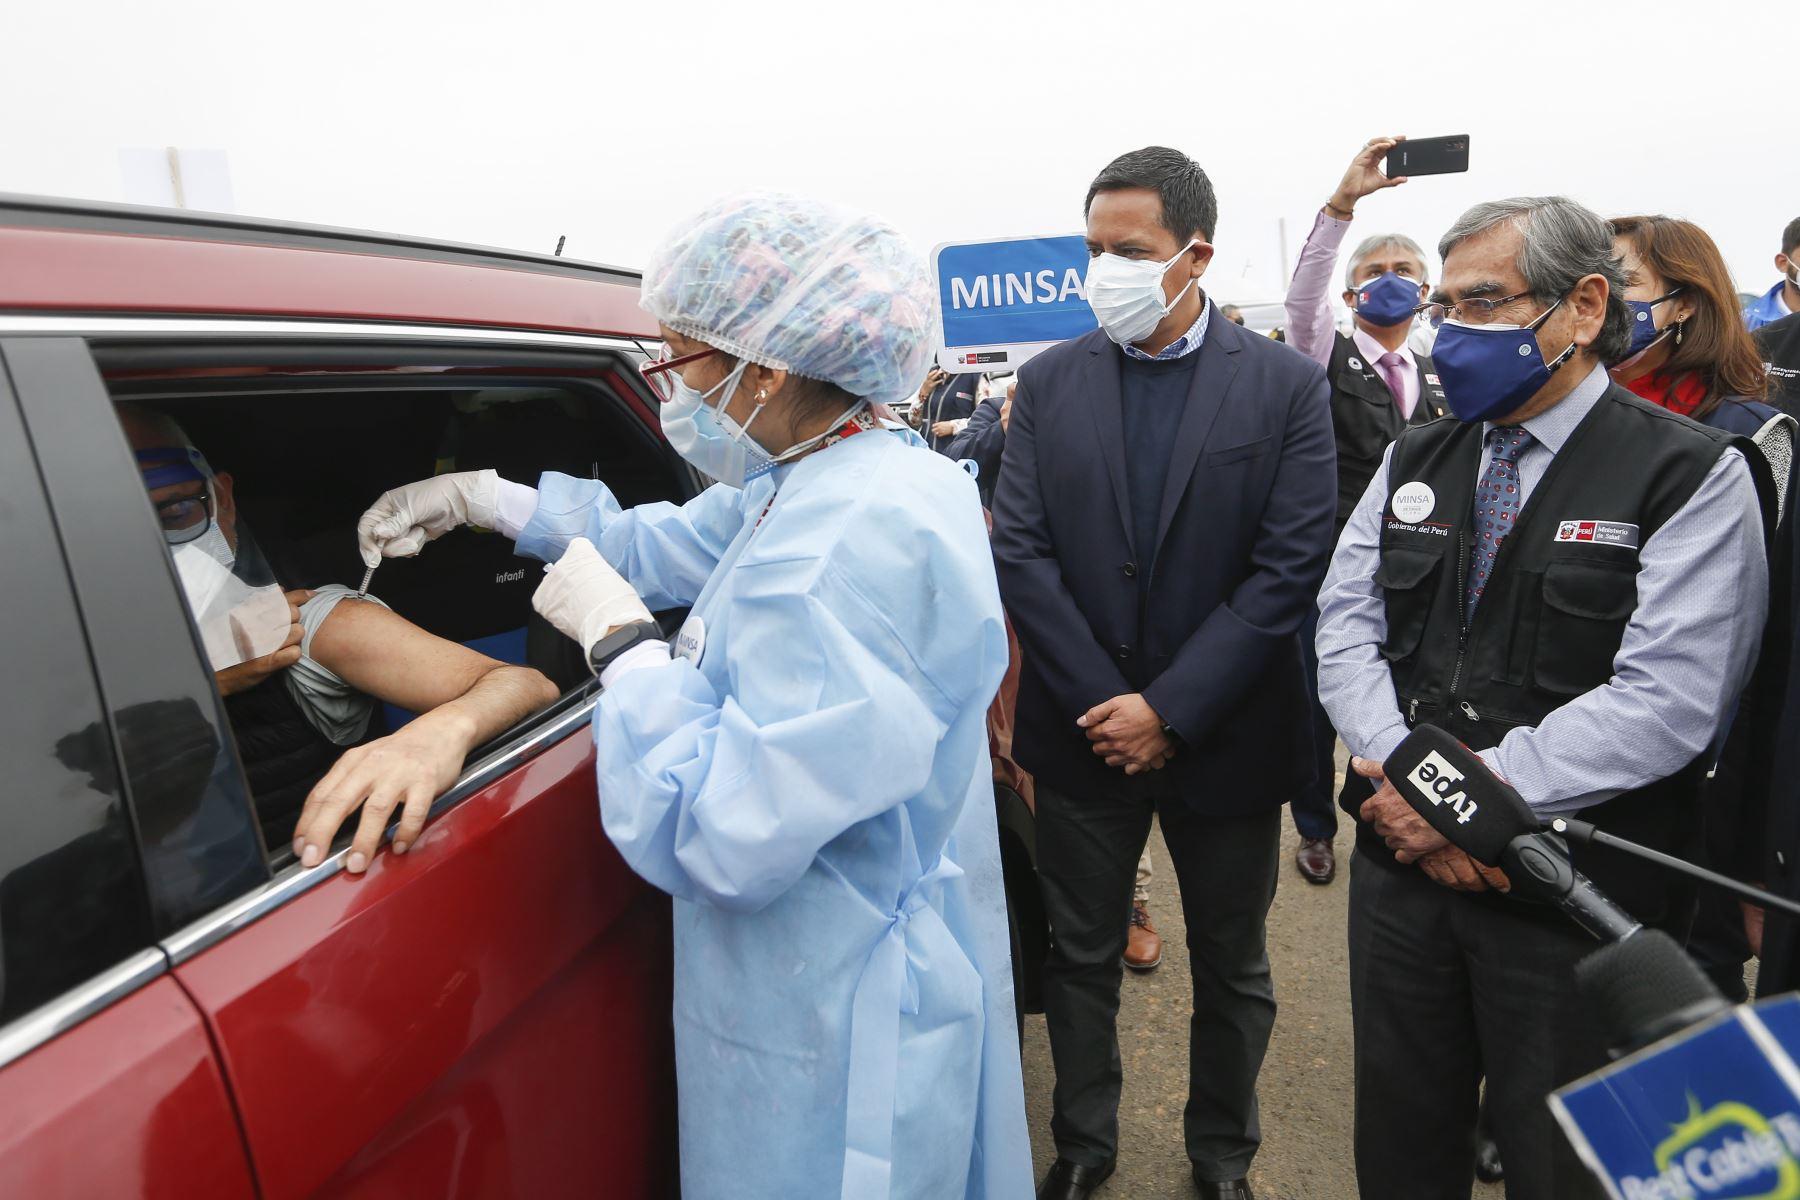 Ministro de Salud Óscar Ugarte supervisa la vacunación contra la covid-19 en el vacunacar del distrito de Magdalena del Mar. Foto: Minsa